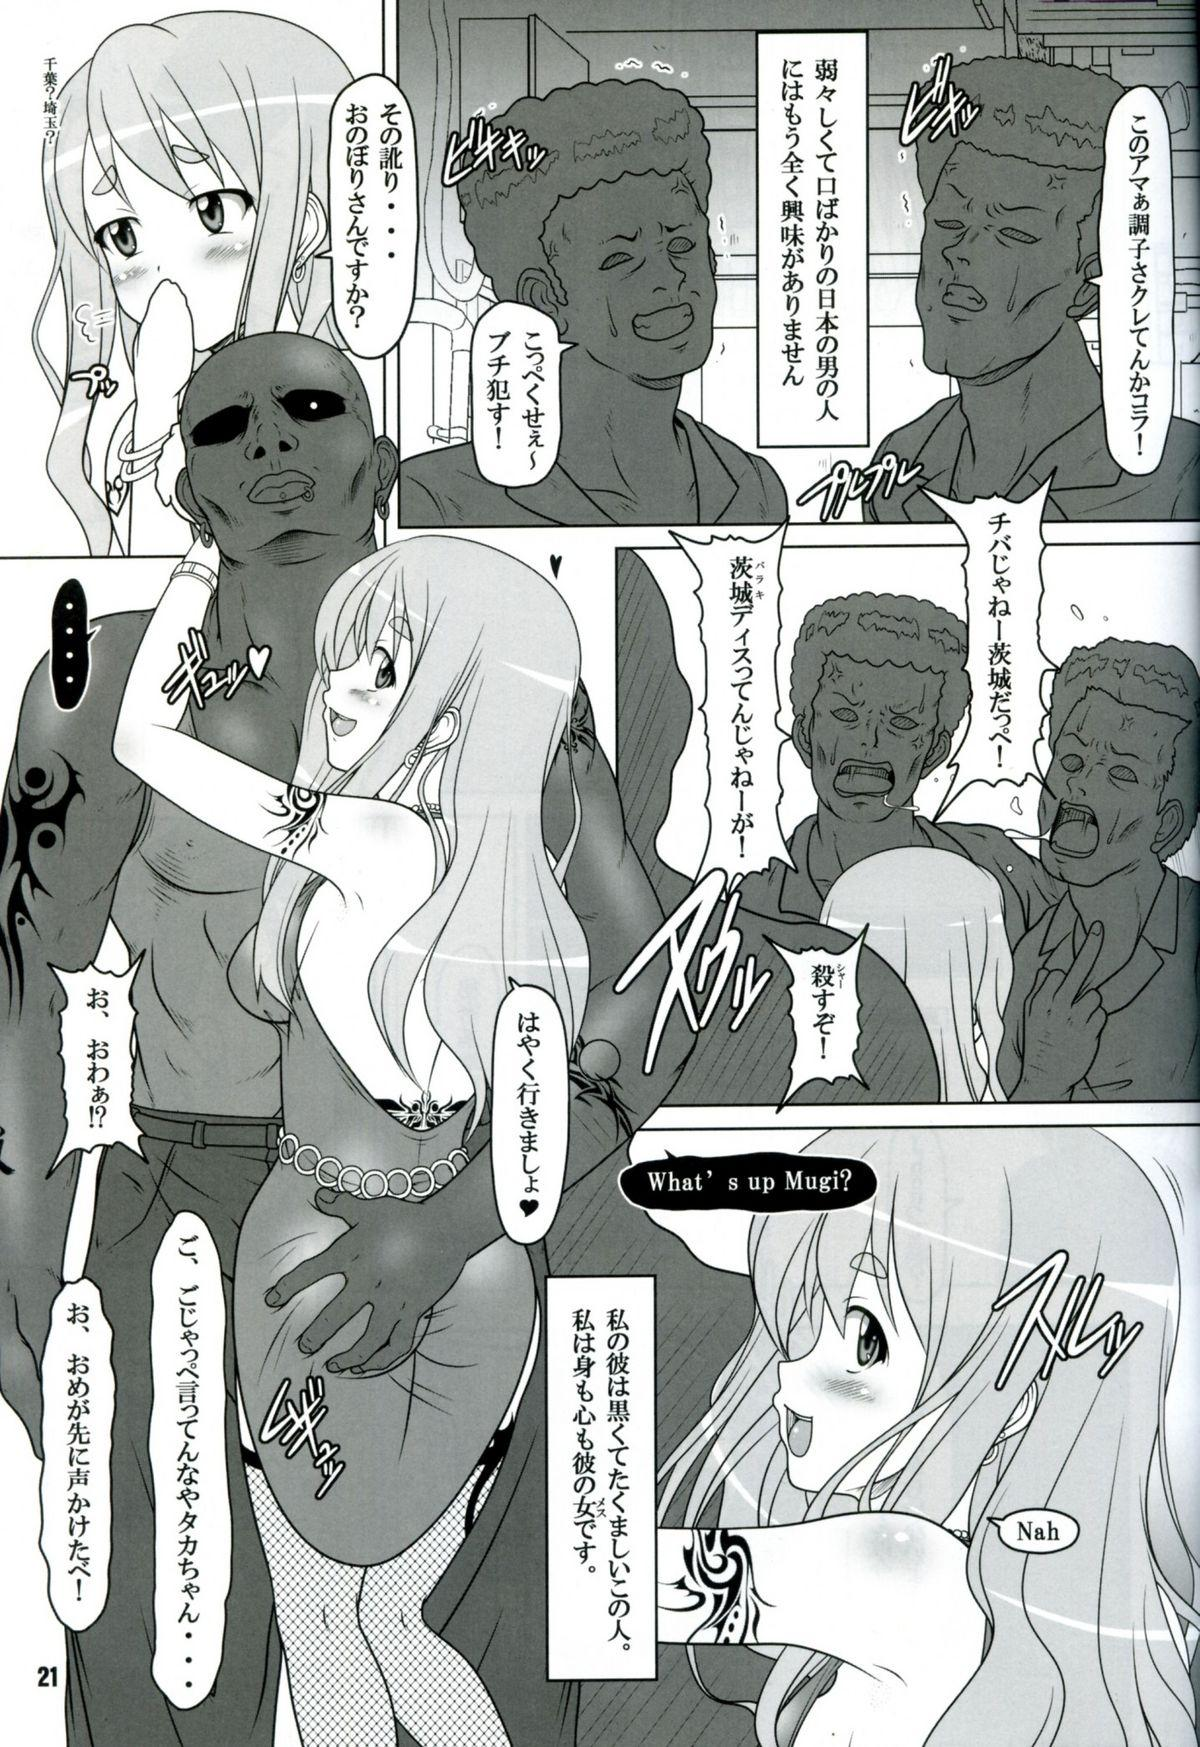 Kuroiro Jikan - Black Time 19